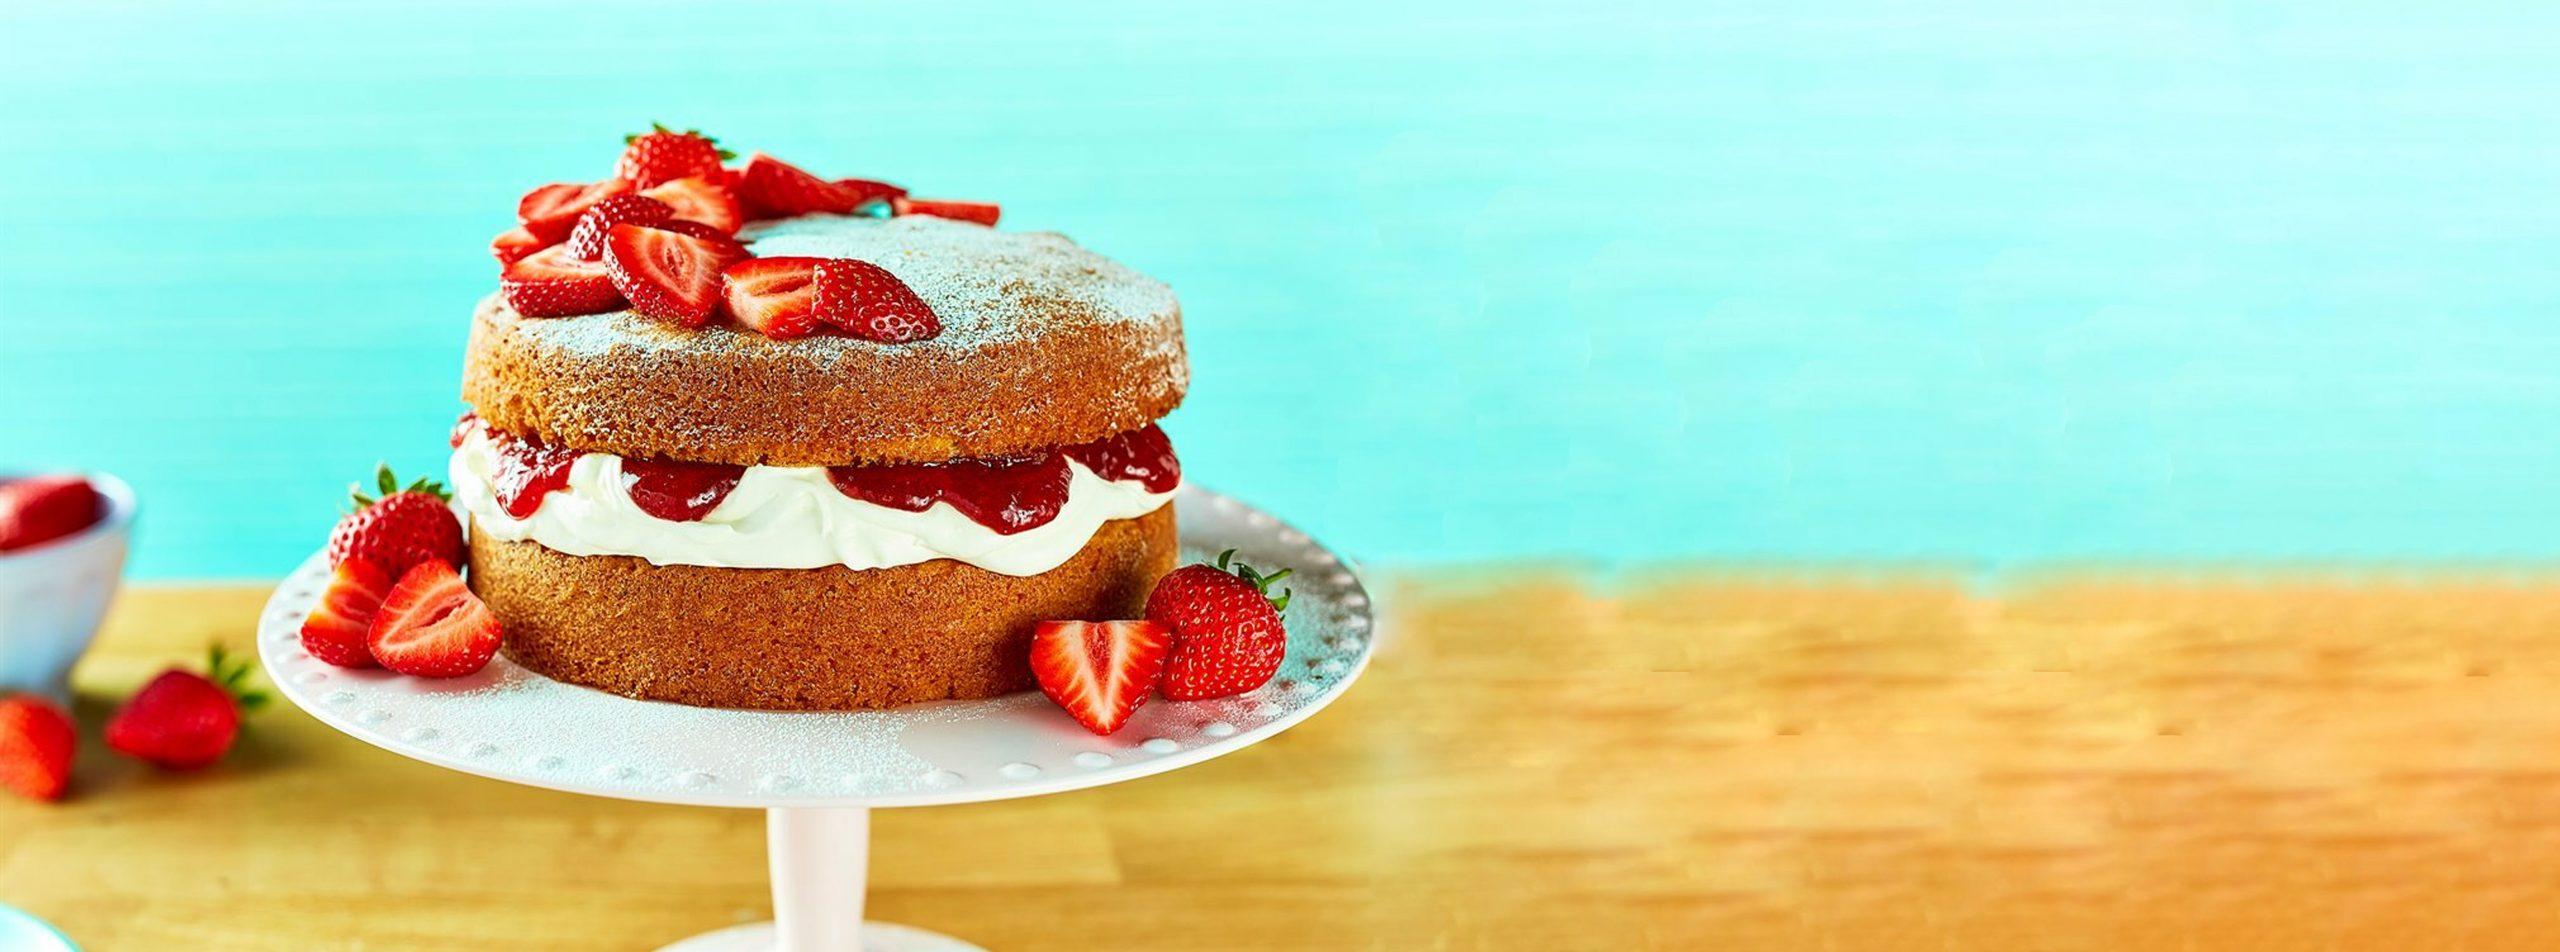 sponge cake mix